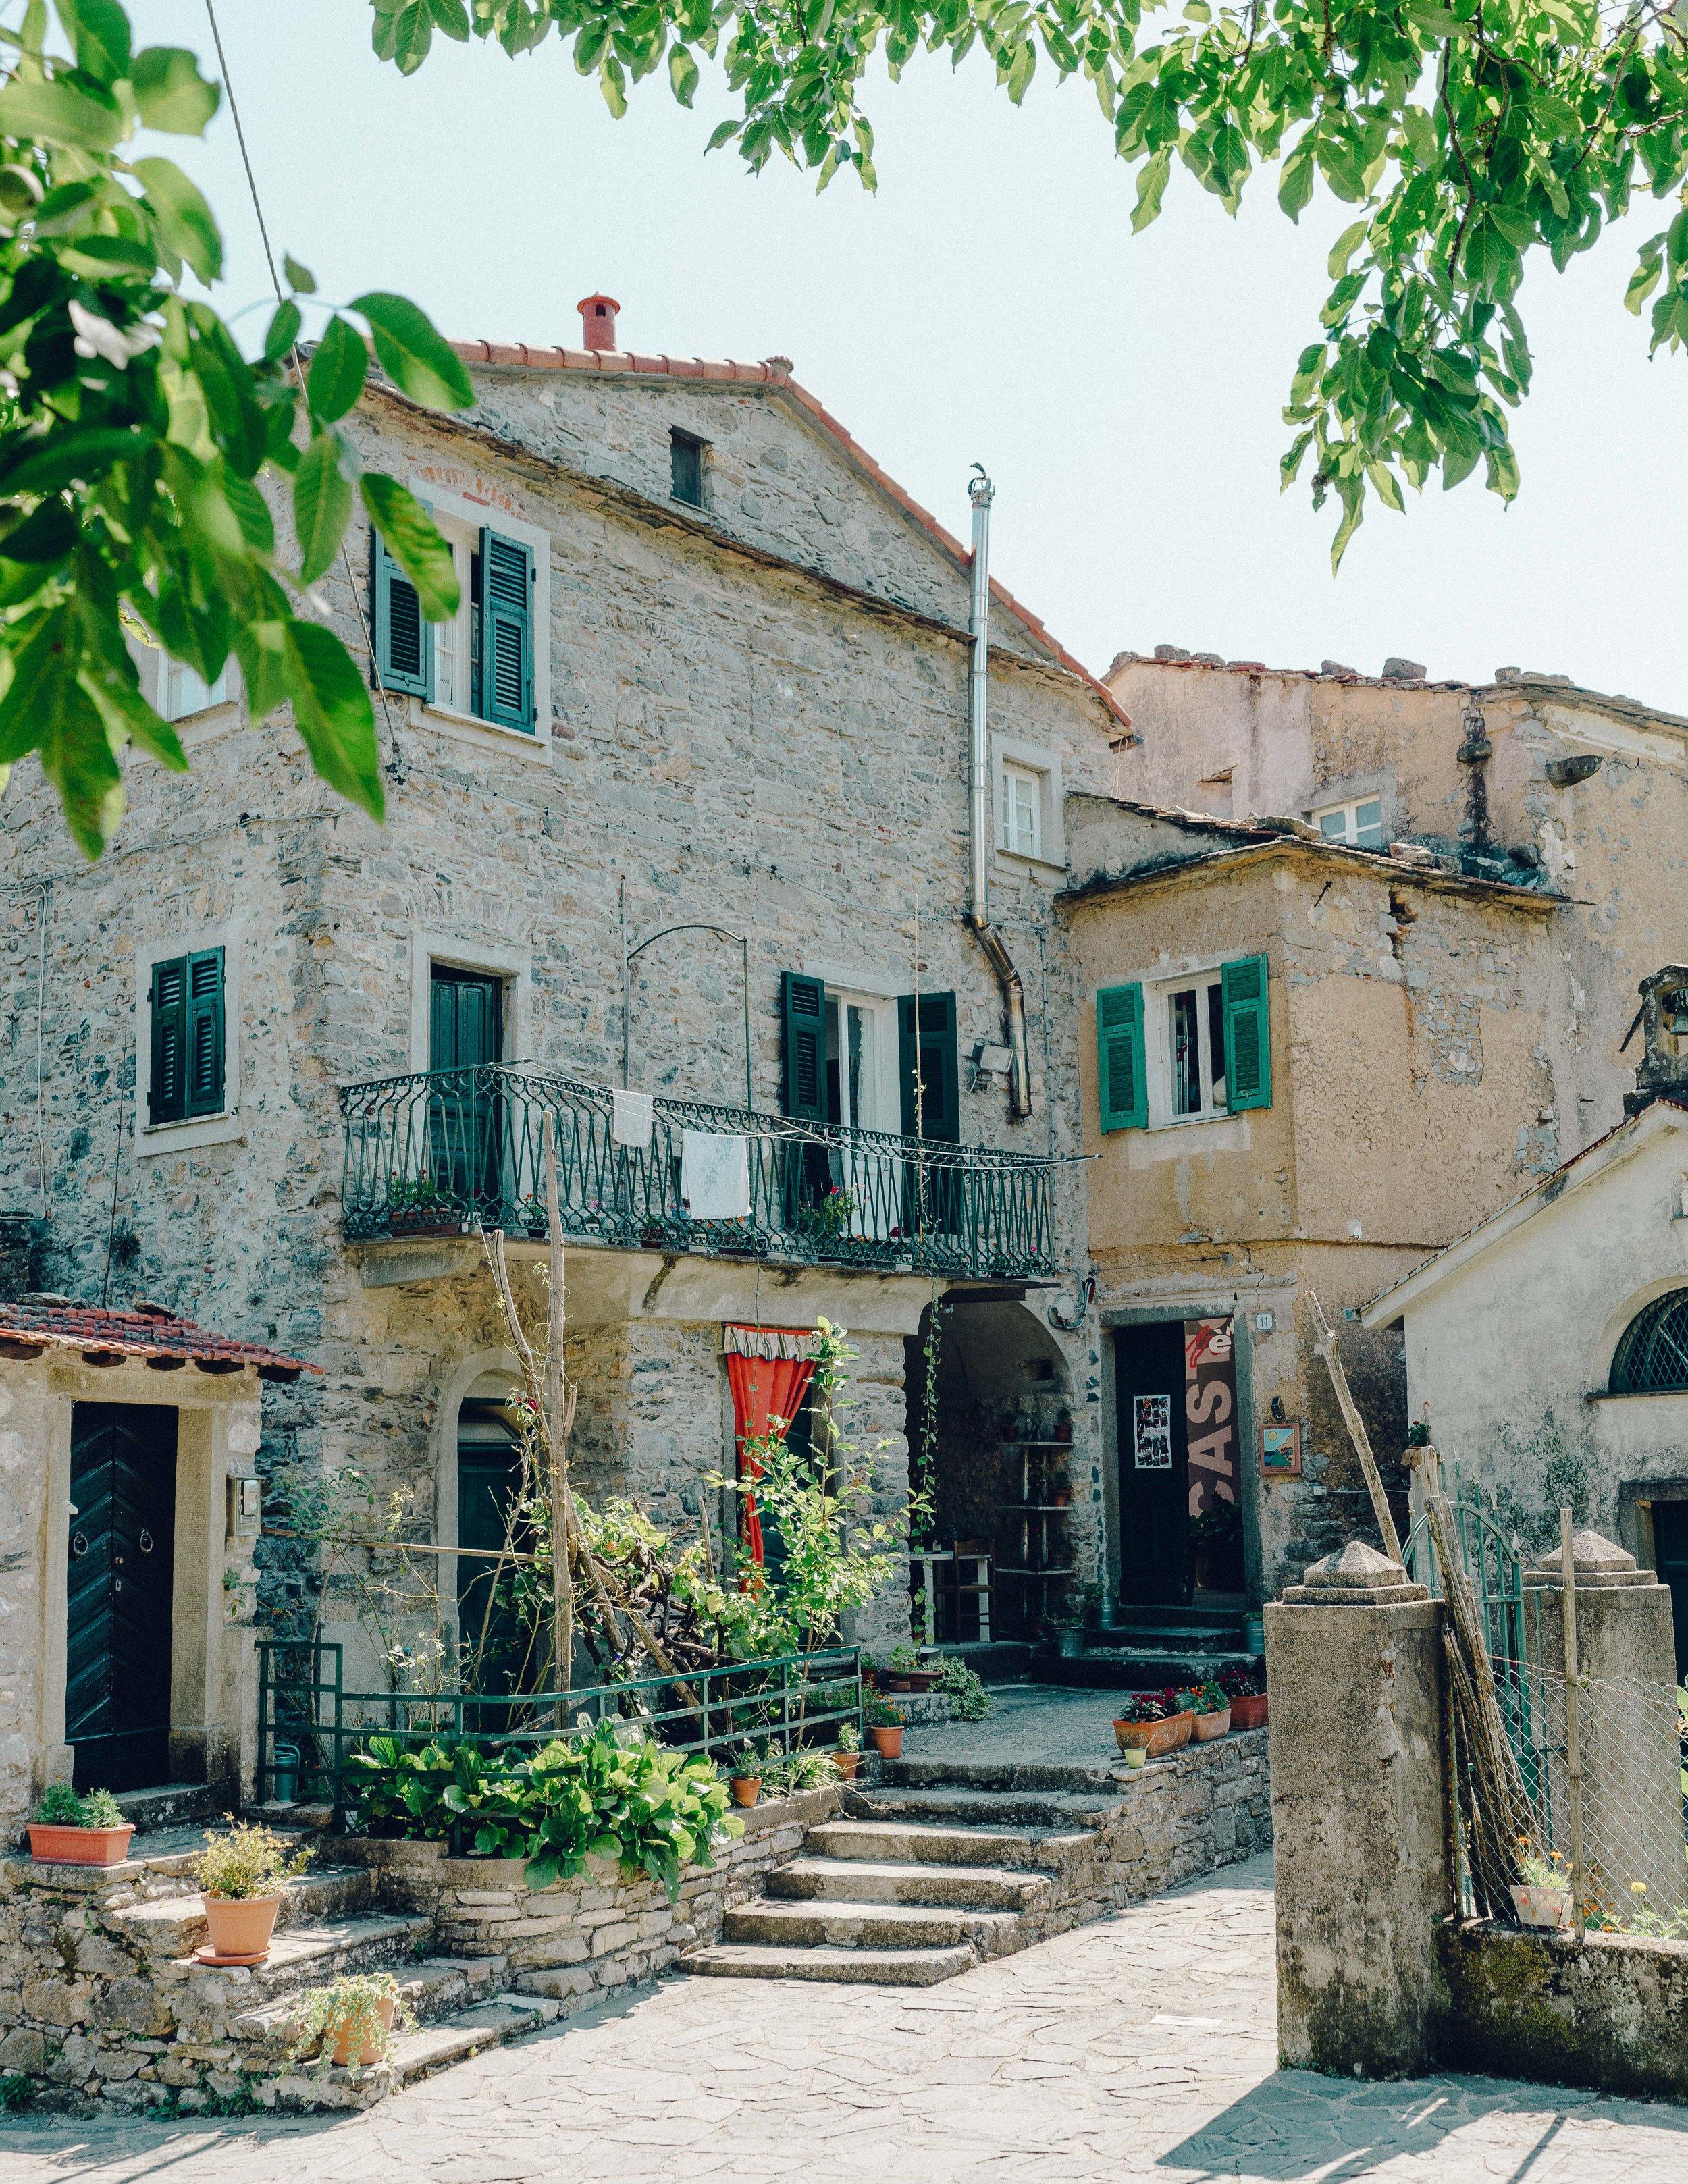 ASROSENVINGE_Roadtrip_Italy_Cinque_Terre_Caste-07767.jpg